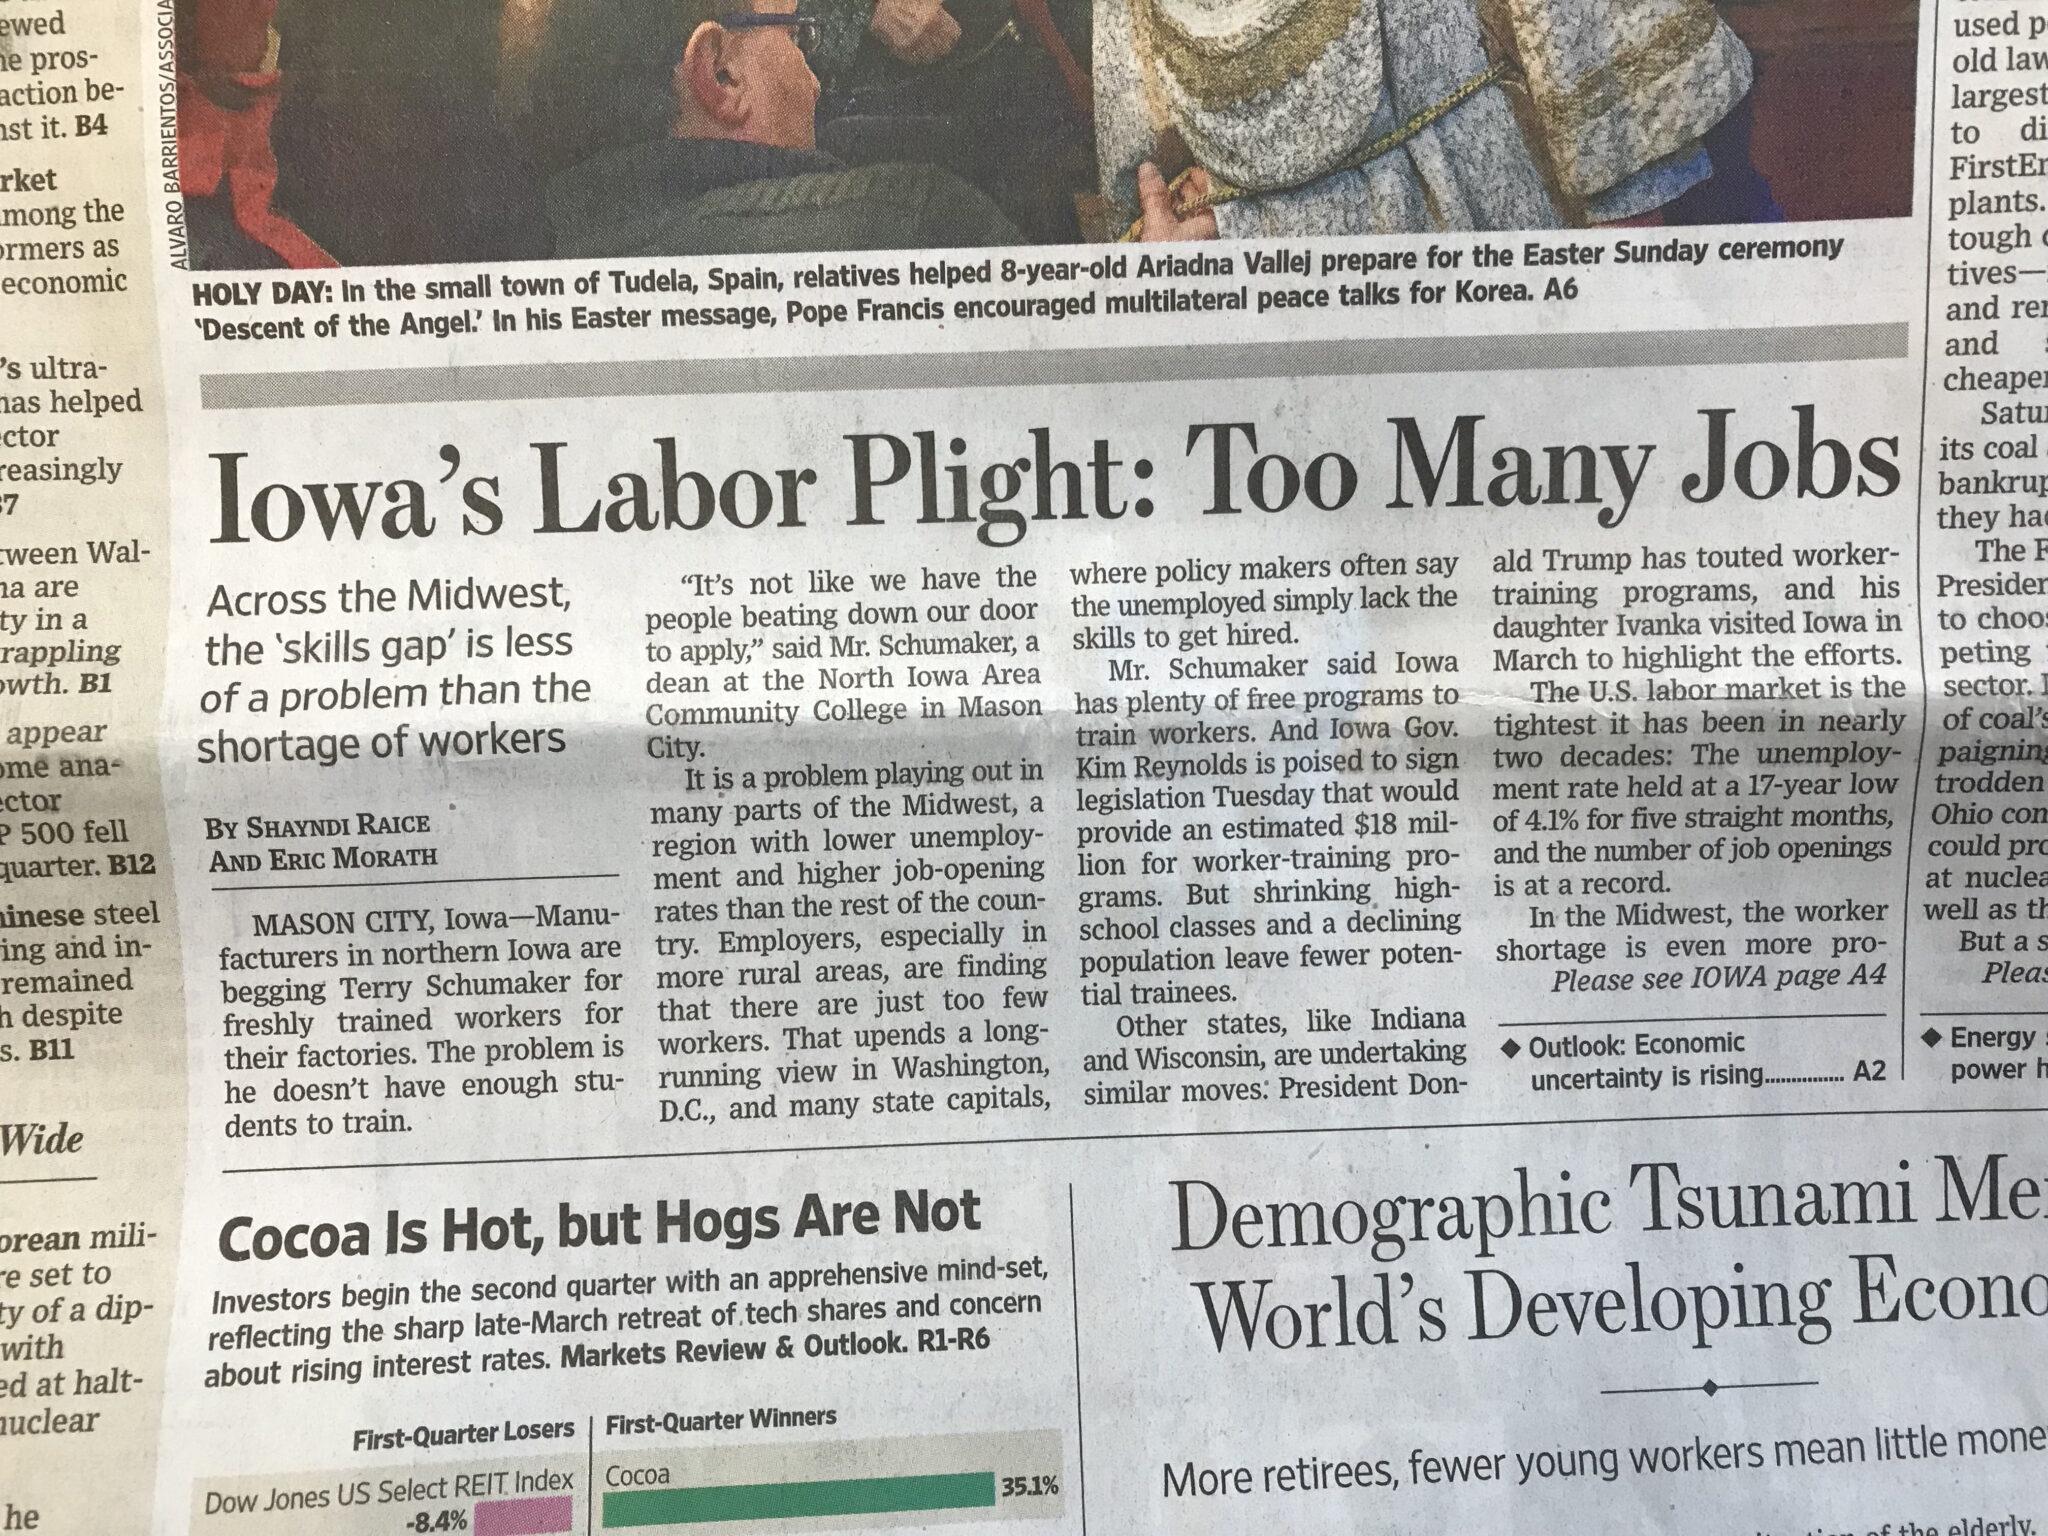 http://www.iowansforlife.org/2018/04/worker-shortage/